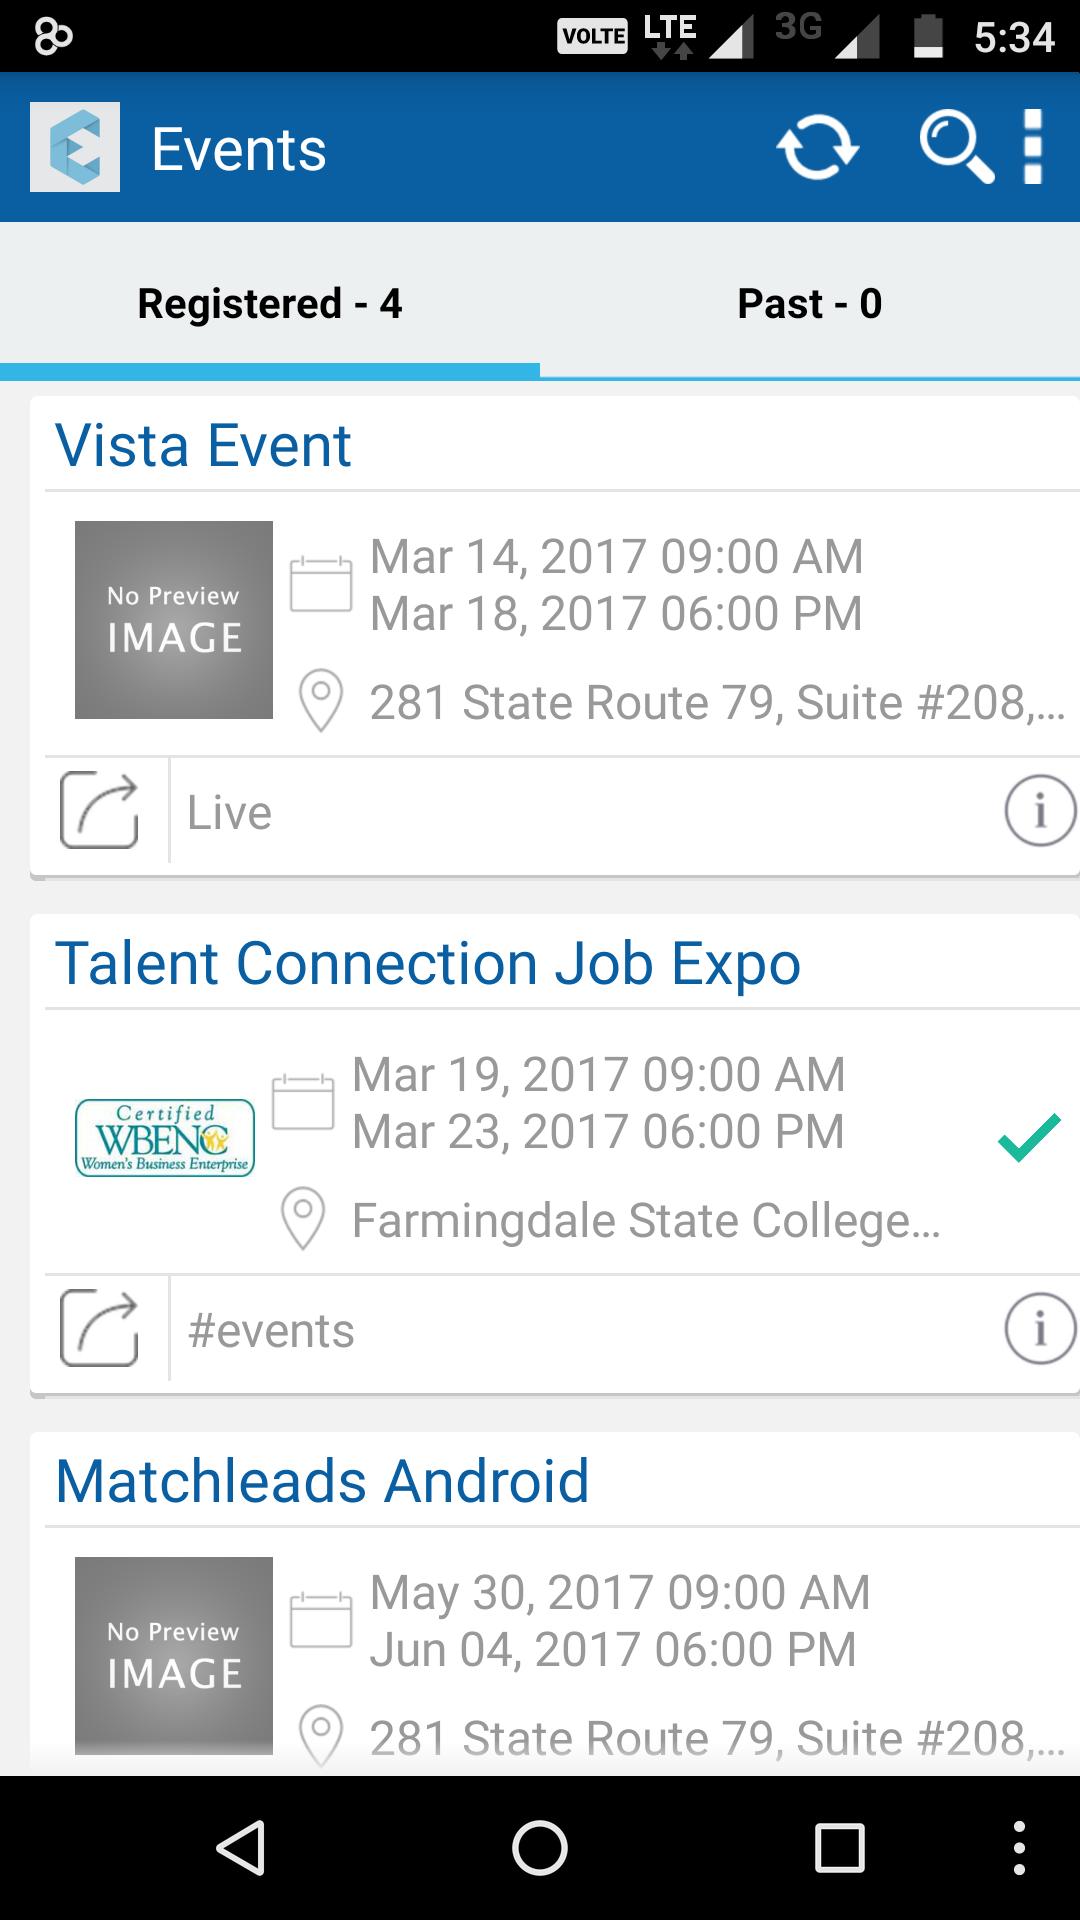 Eventdex Software - Event description